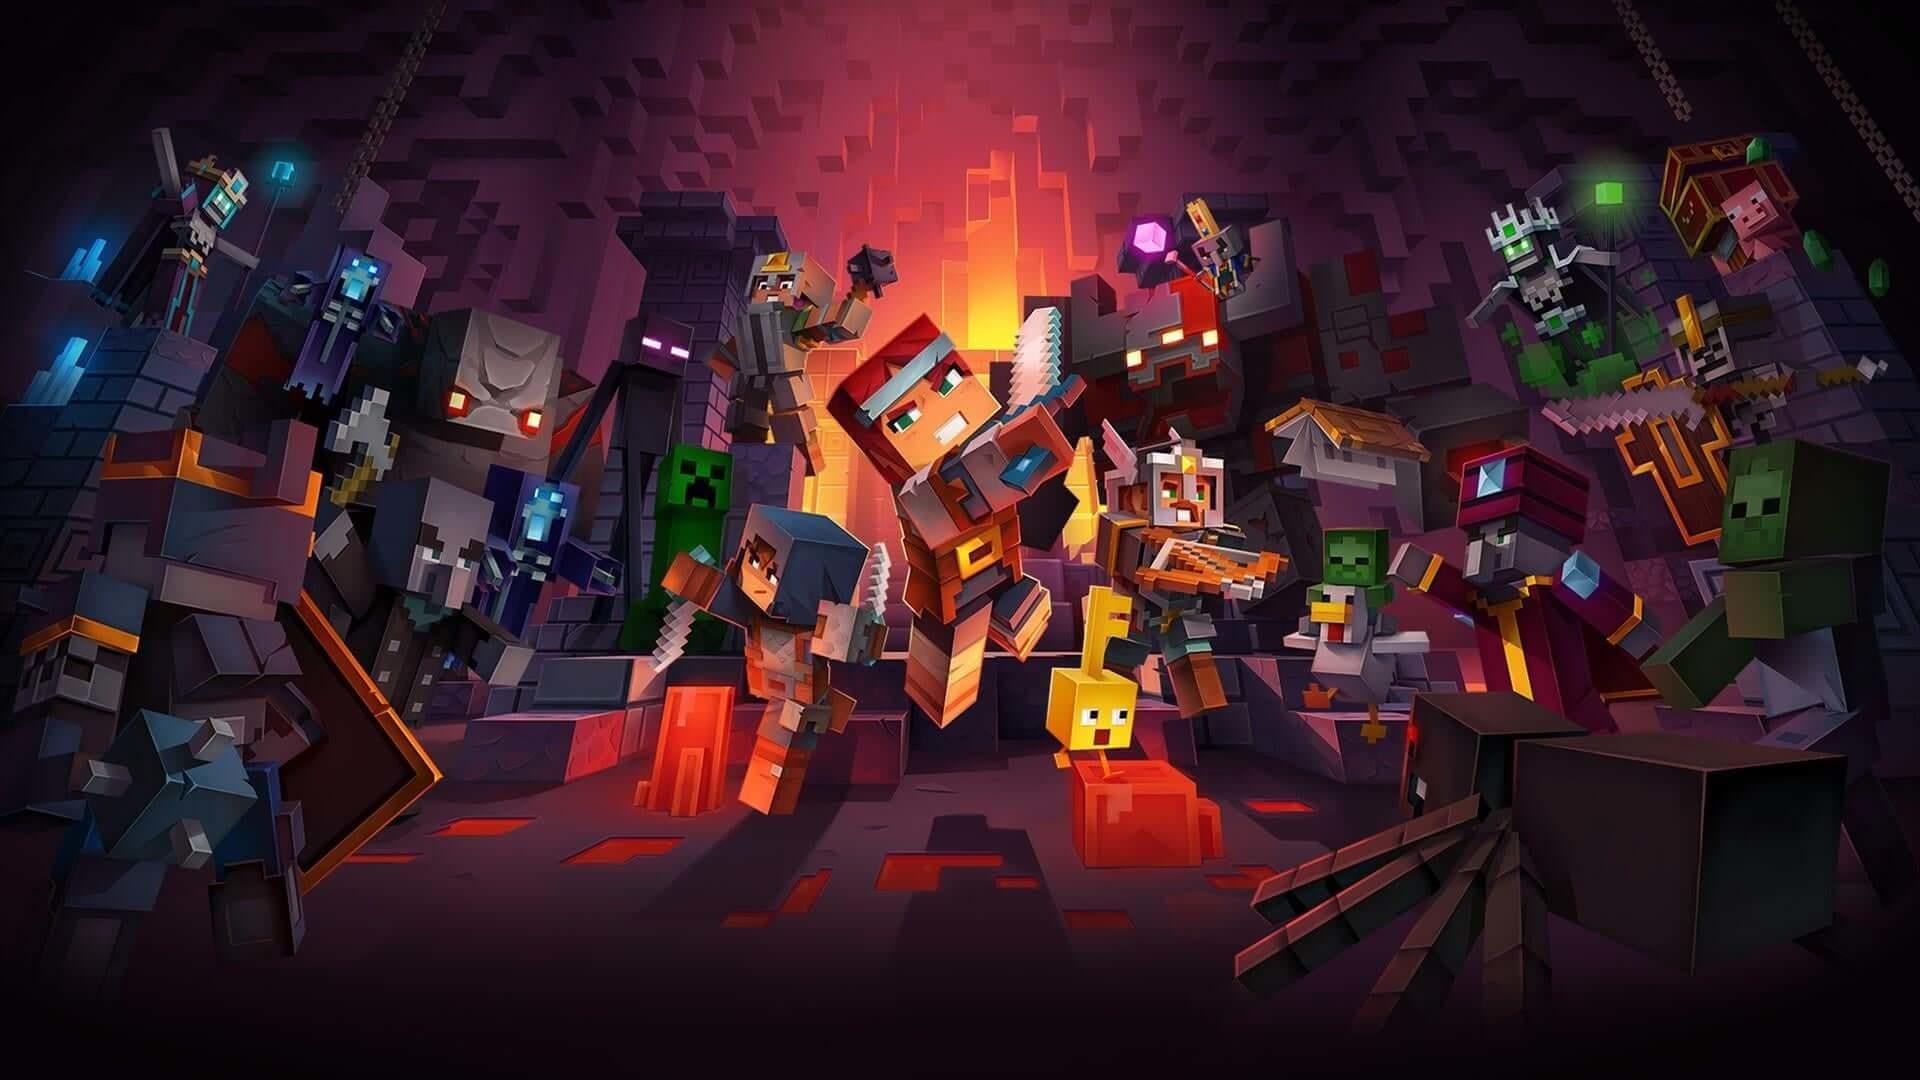 Recensione Minecraft Dungeons: zombie e creeper invadono il mondo di mattoni